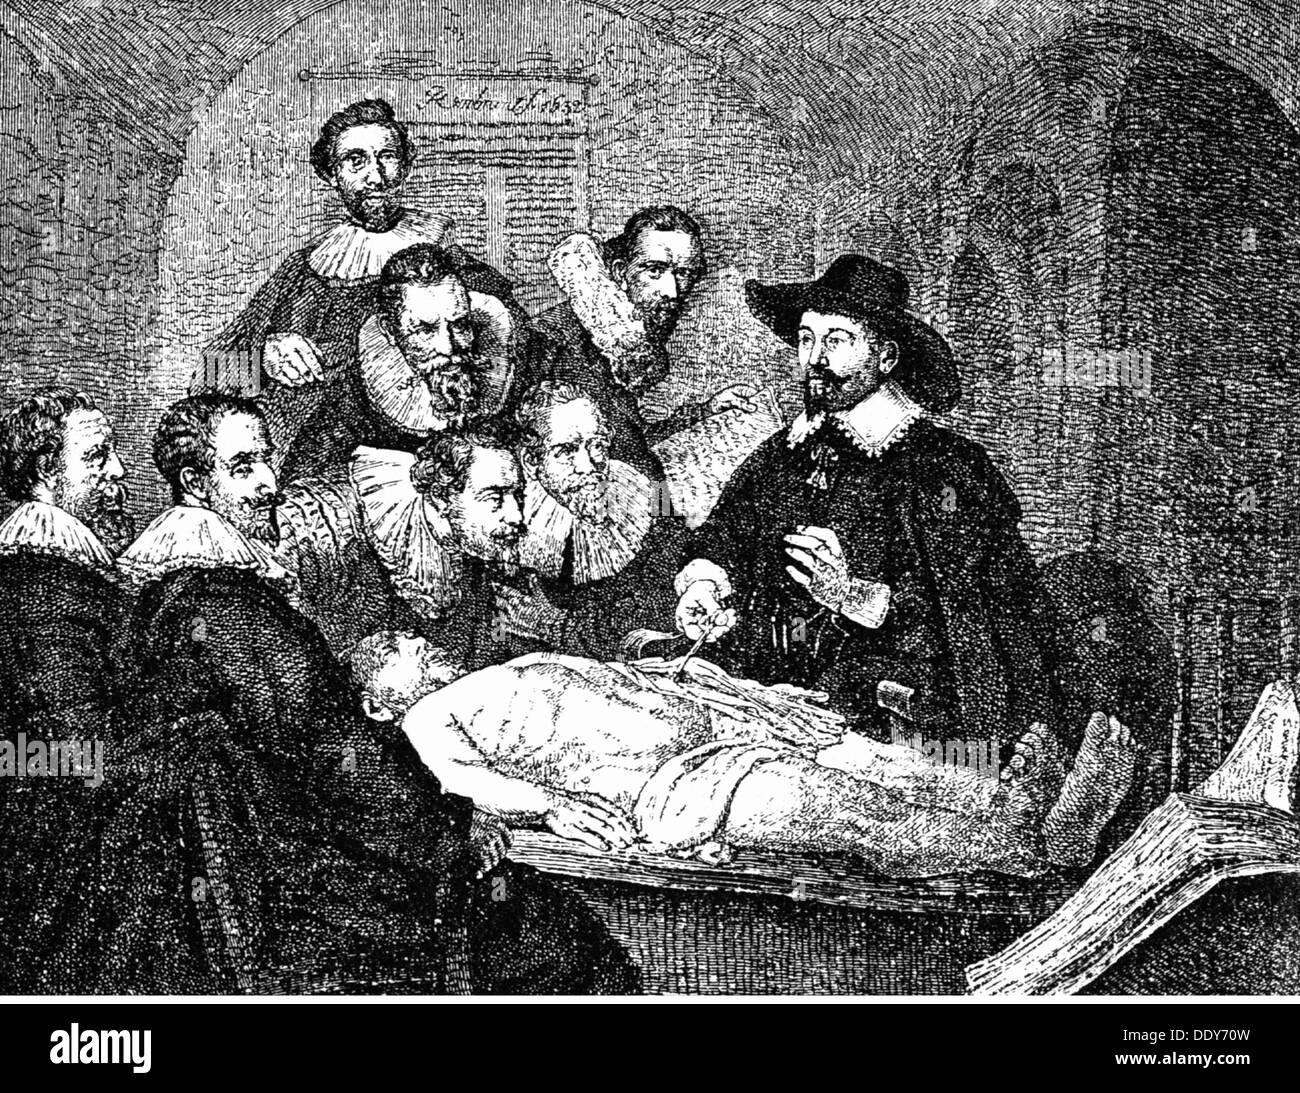 Medizin Anatomie Obduktion / Autopsie nach dem Gemälde \'Die Anatomie ...